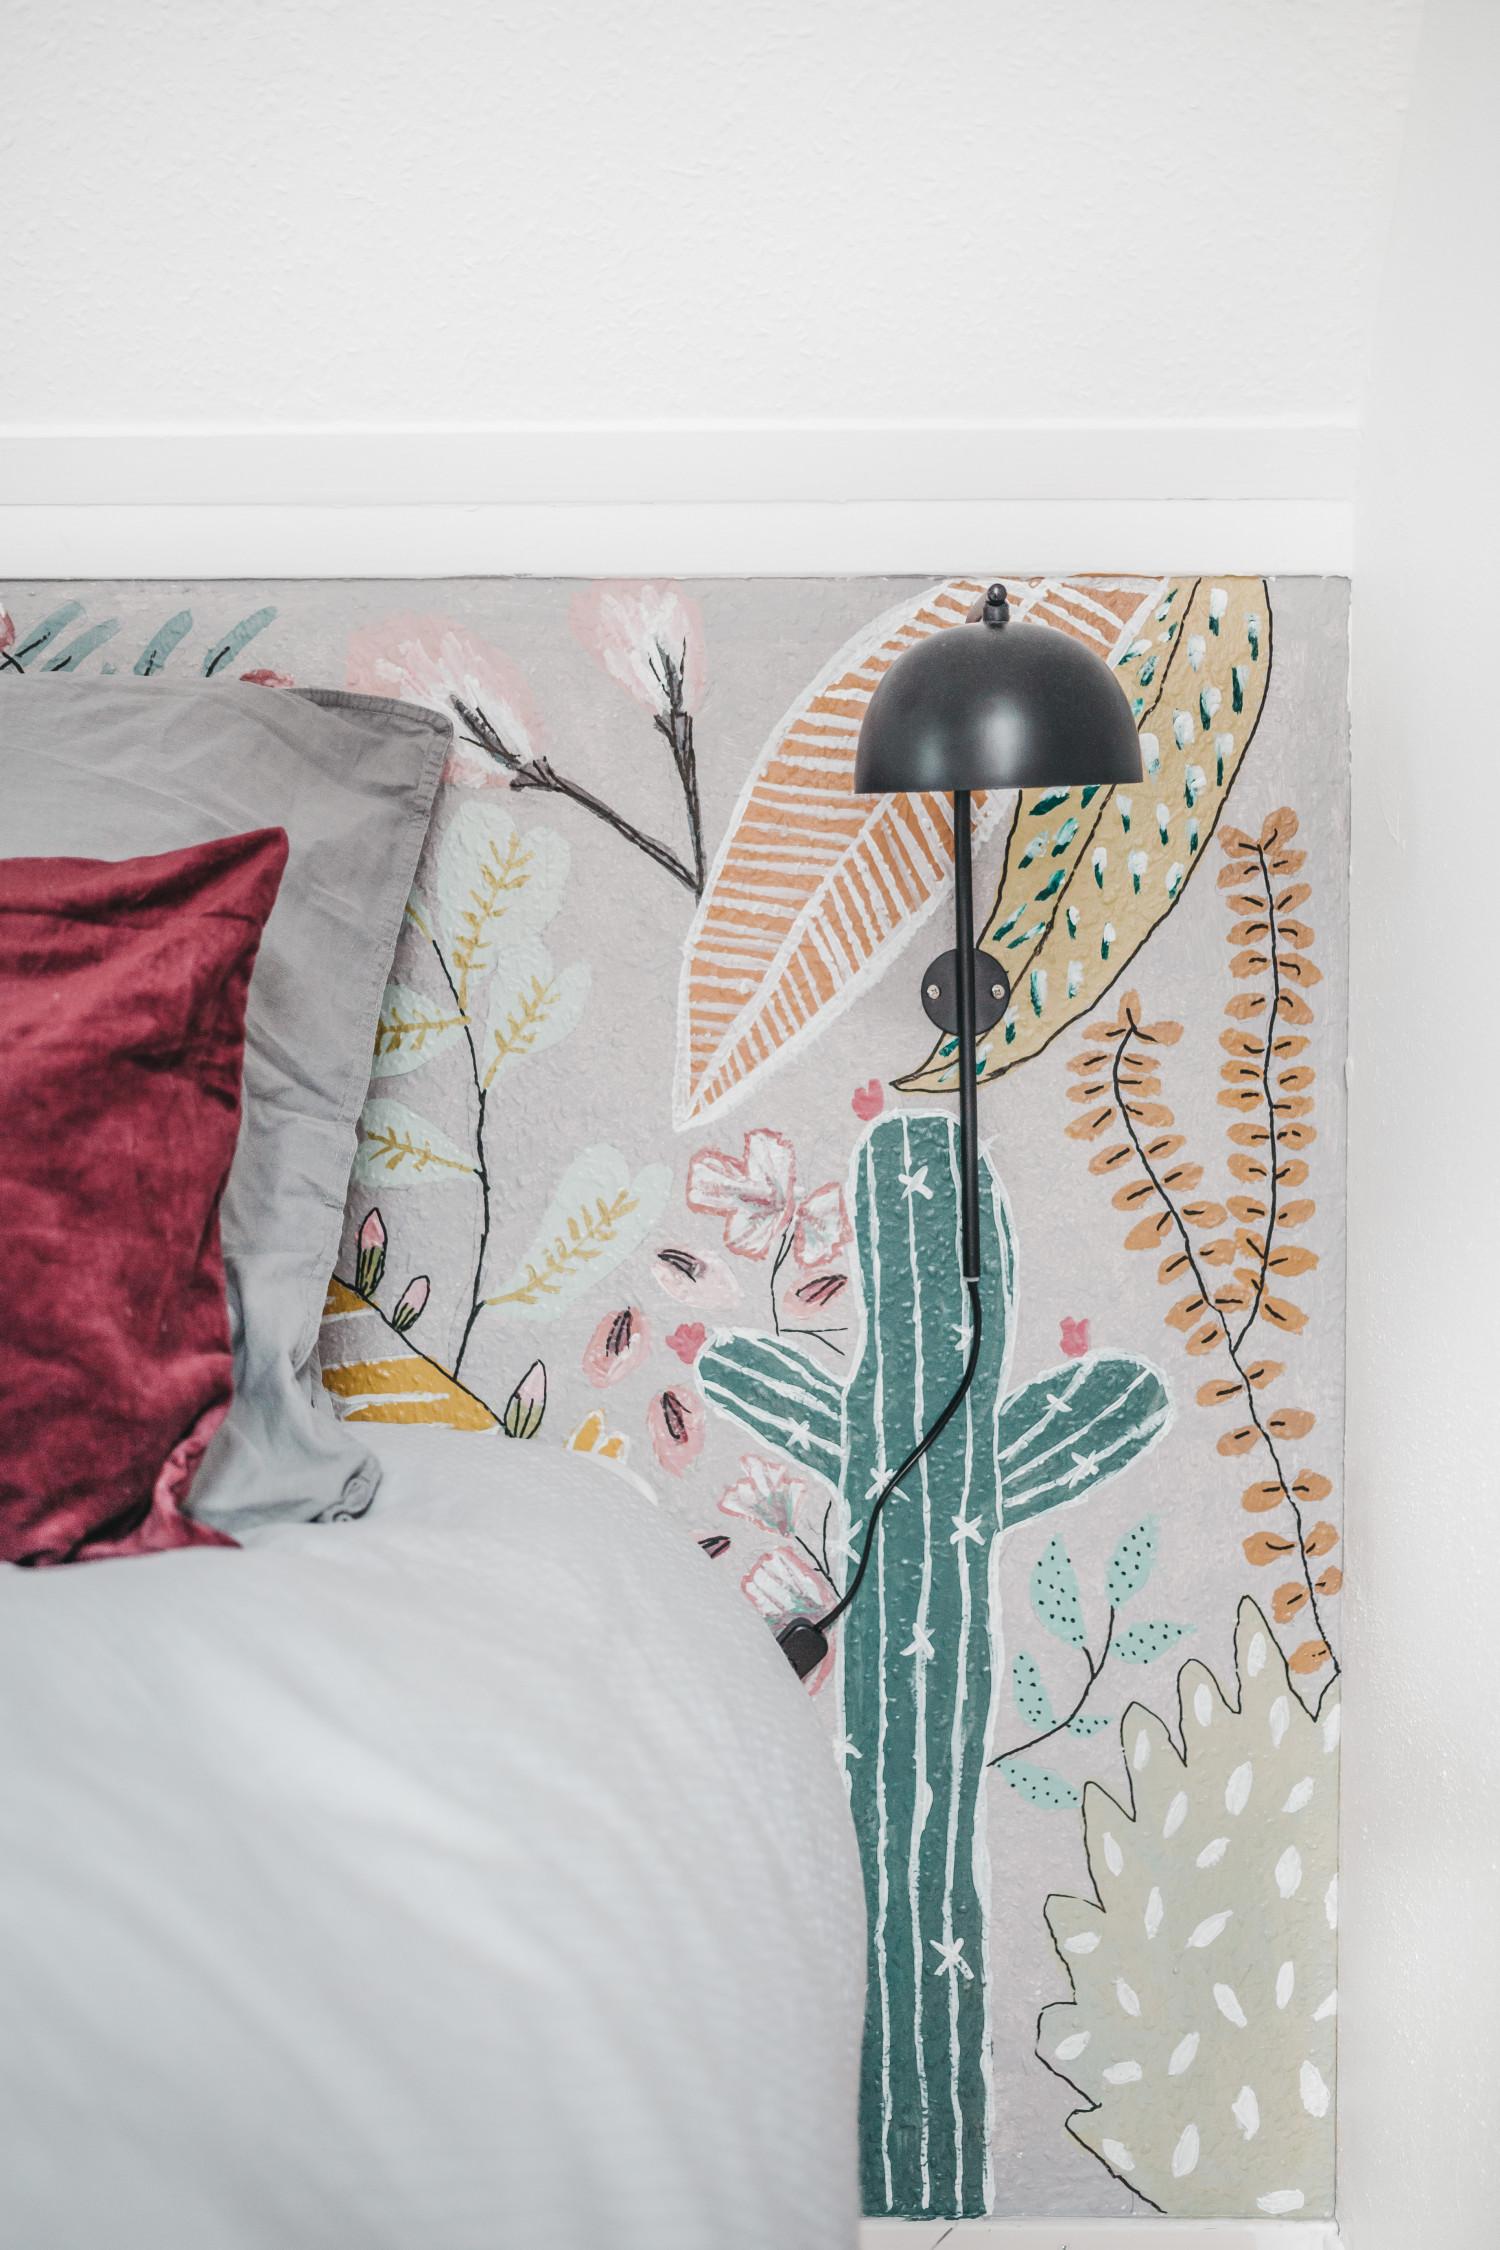 Picture of: Nyt Sovevaerelse For Efter Billeder Johanne Kohlmetz